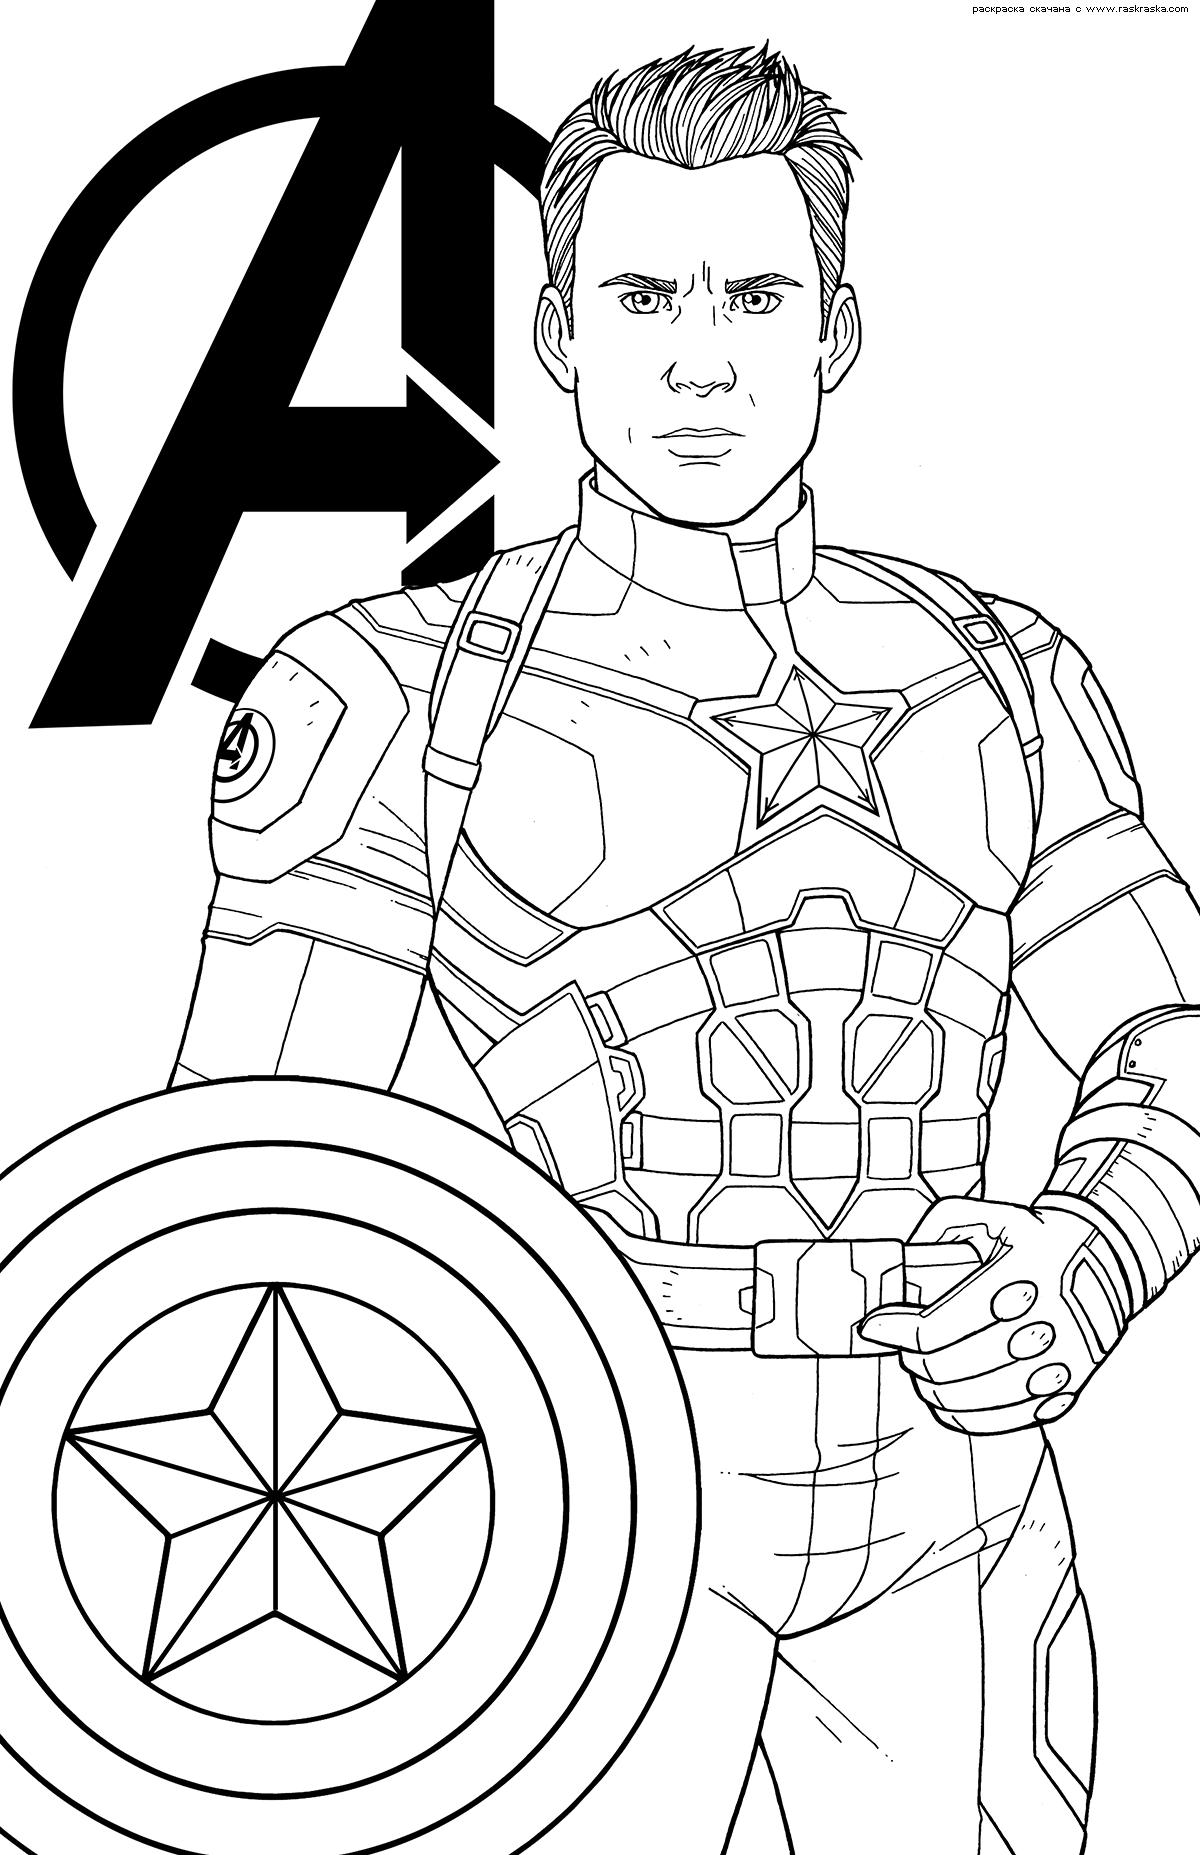 Раскраска Капитан Америка. Раскраска Супергерой Marvel Comics, Стив Роджерс